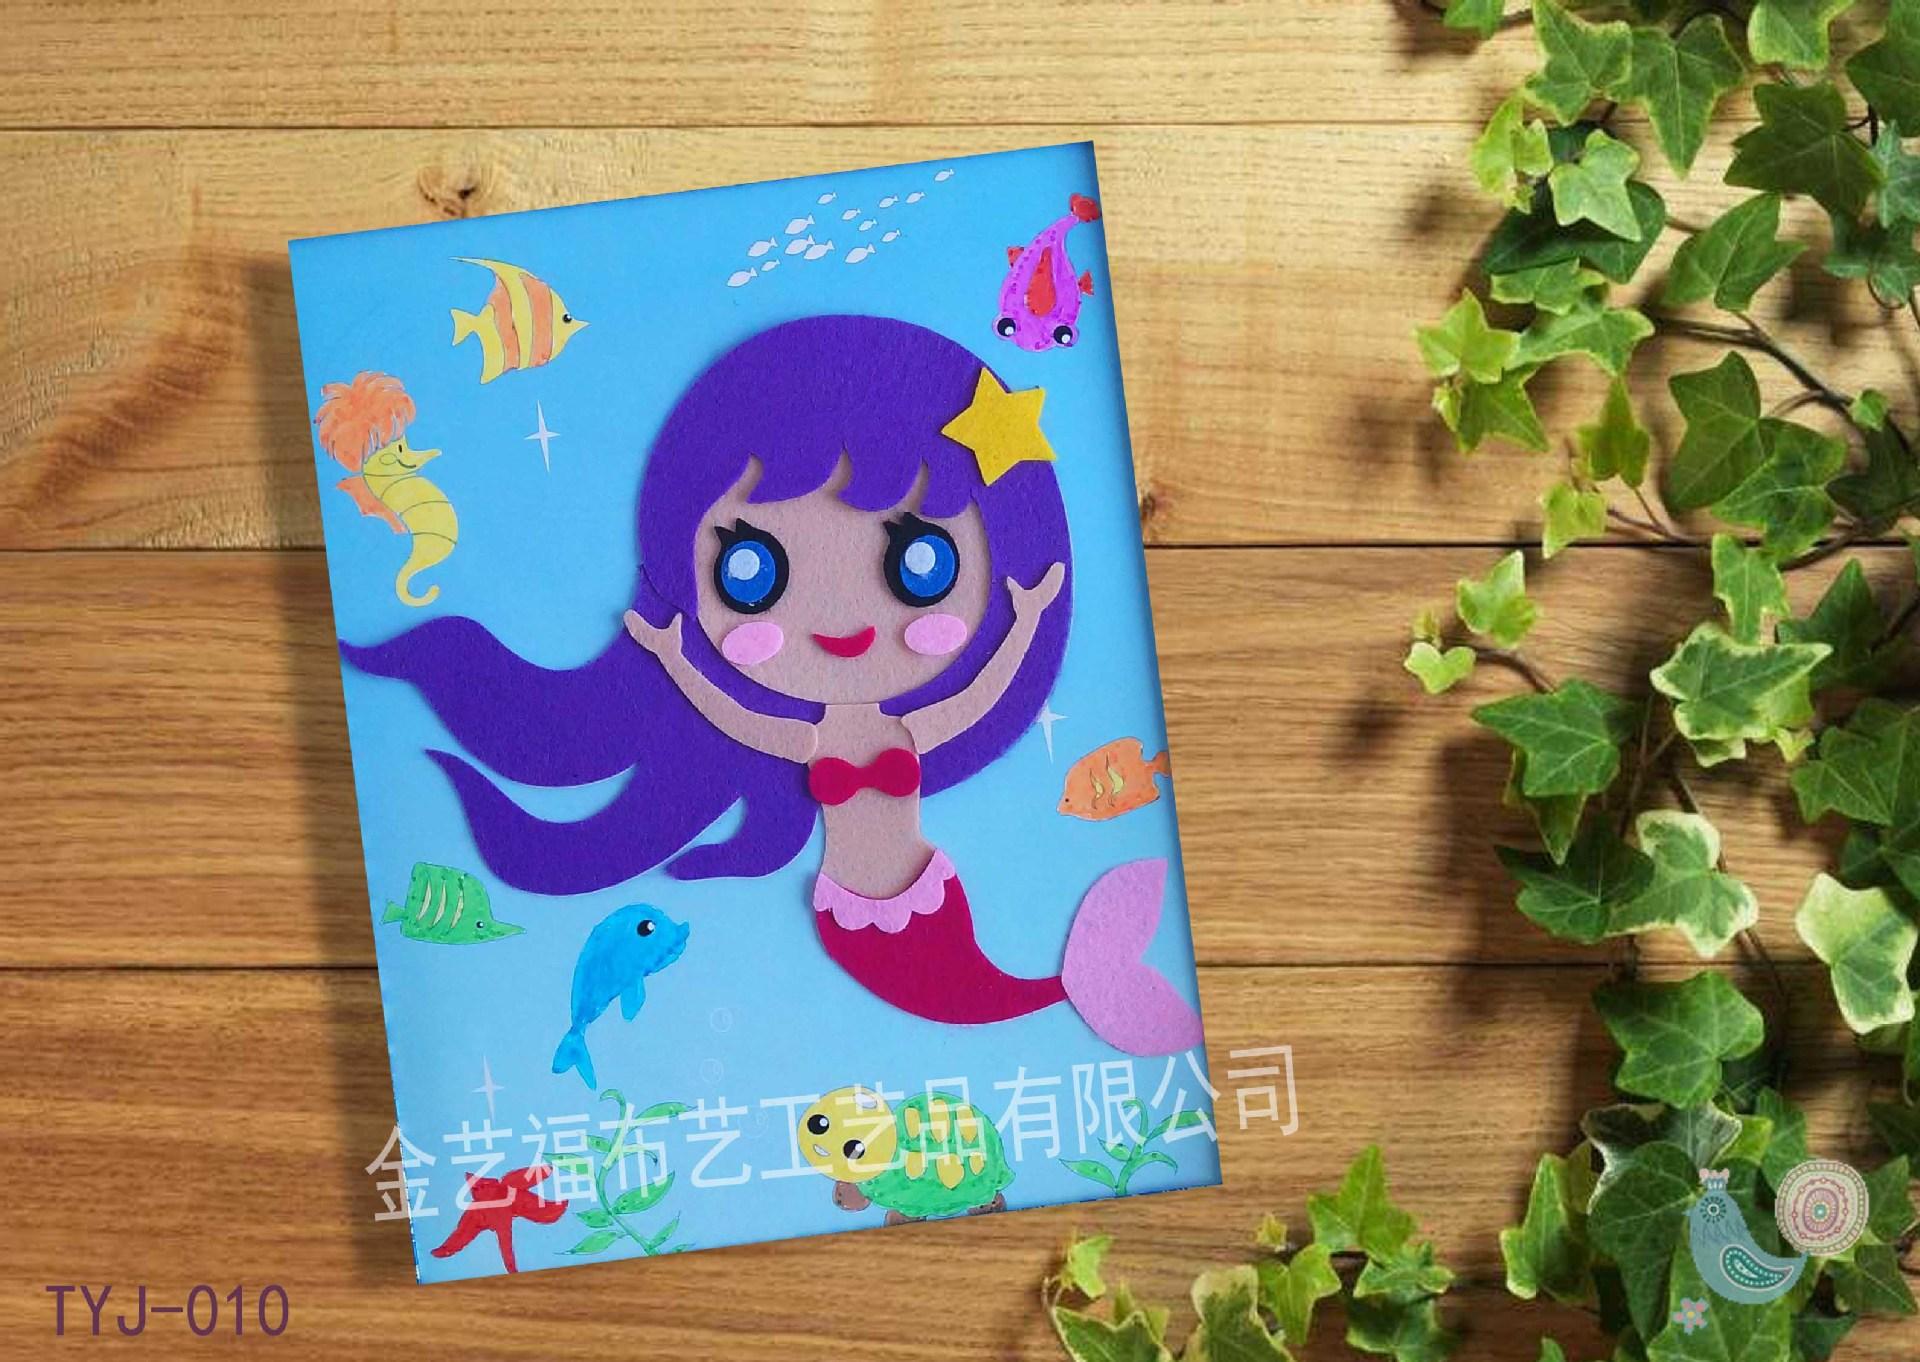 儿童布贴画 儿童涂鸦钻石布贴画厂家直销全国包邮 阿里巴巴